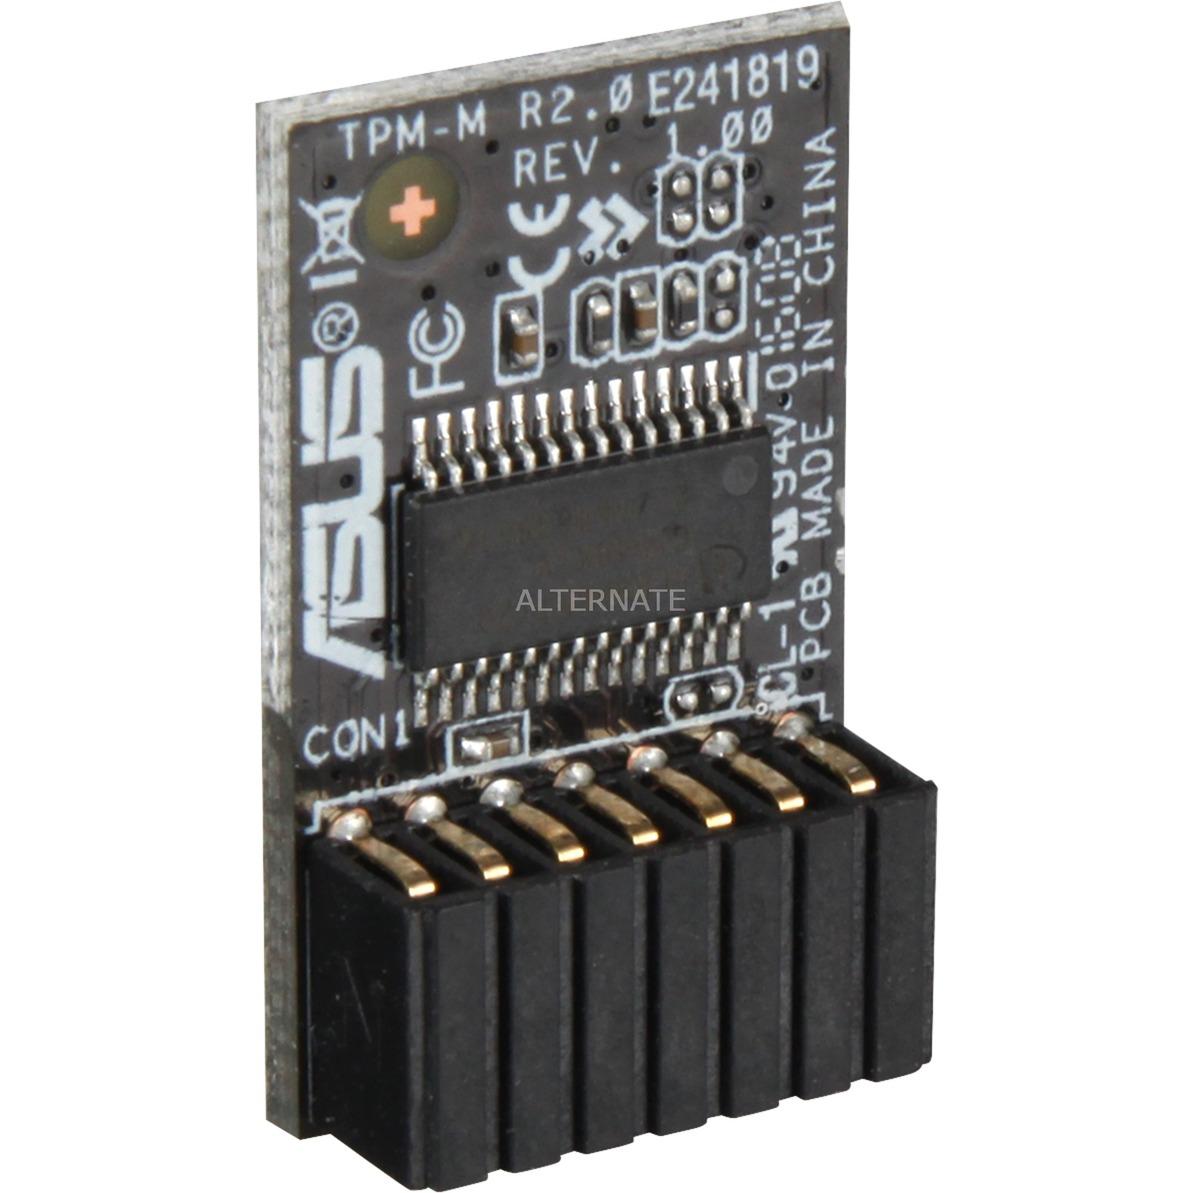 90MC03W0-M0XBN1, TPM